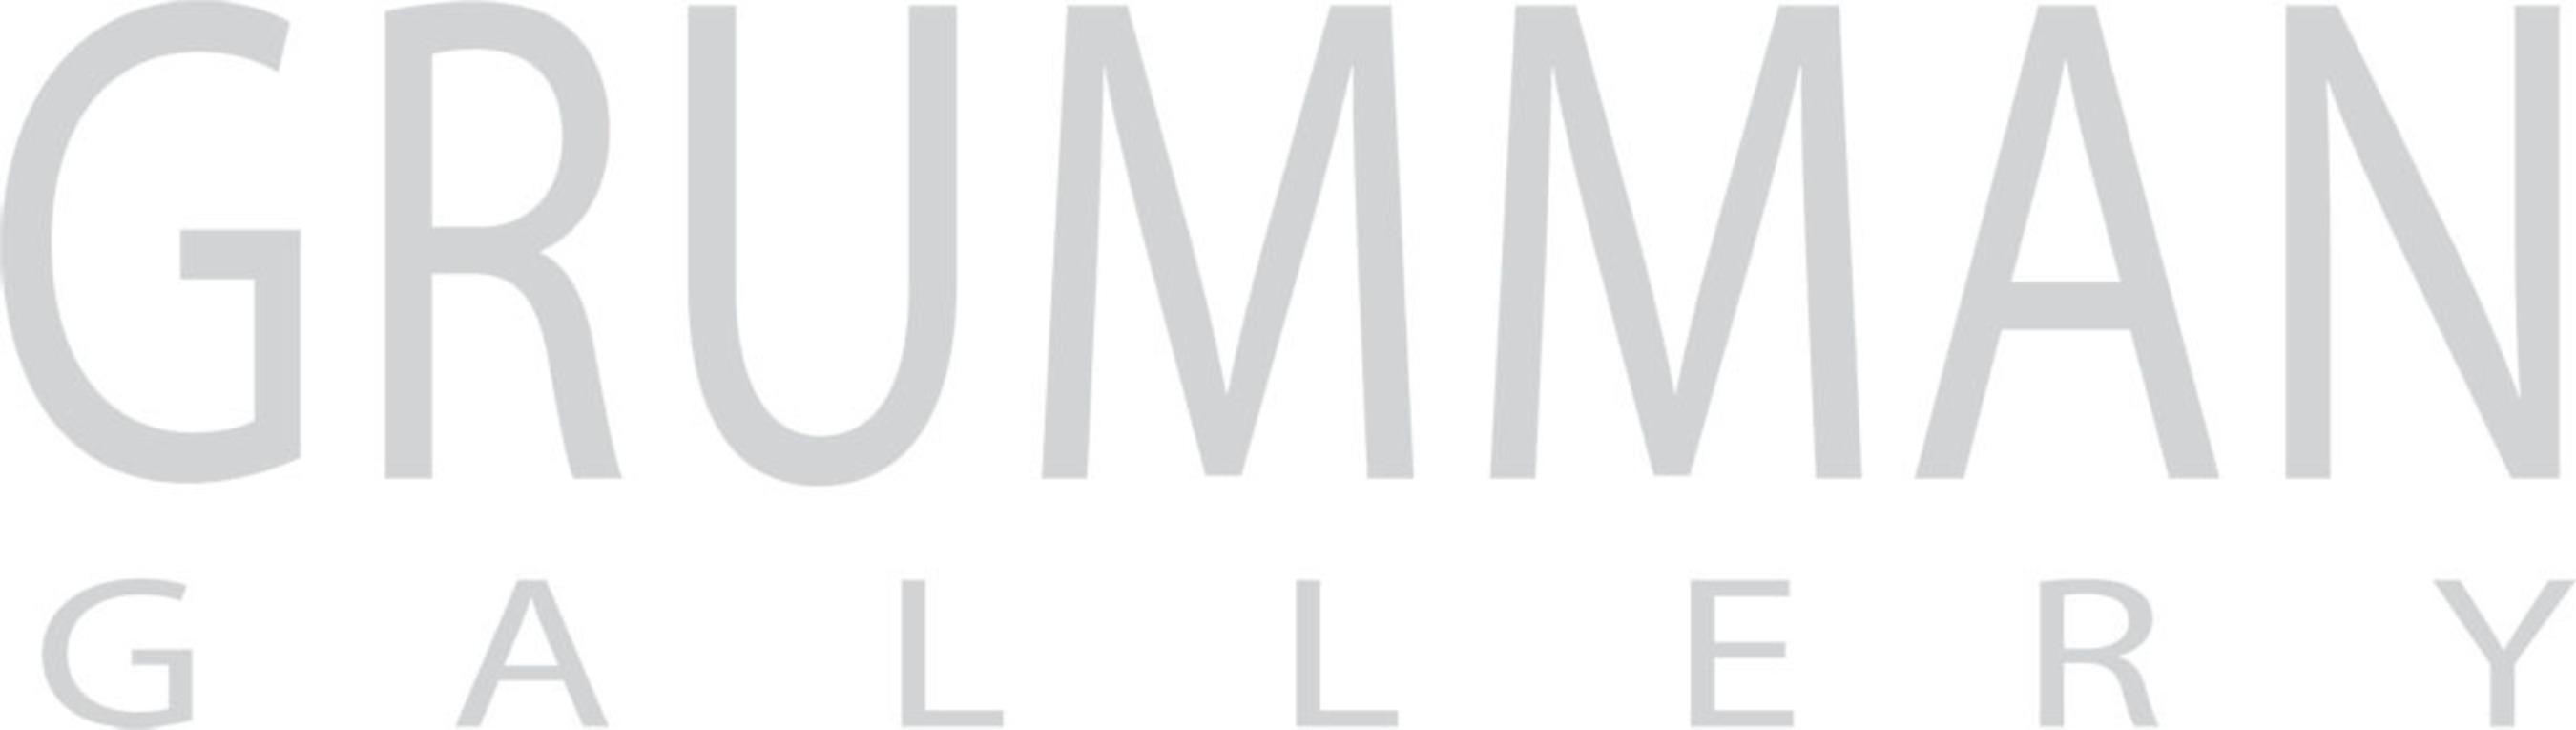 Grumman Gallery Logo. (PRNewsFoto/Grumman Gallery) (PRNewsFoto/GRUMMAN GALLERY)